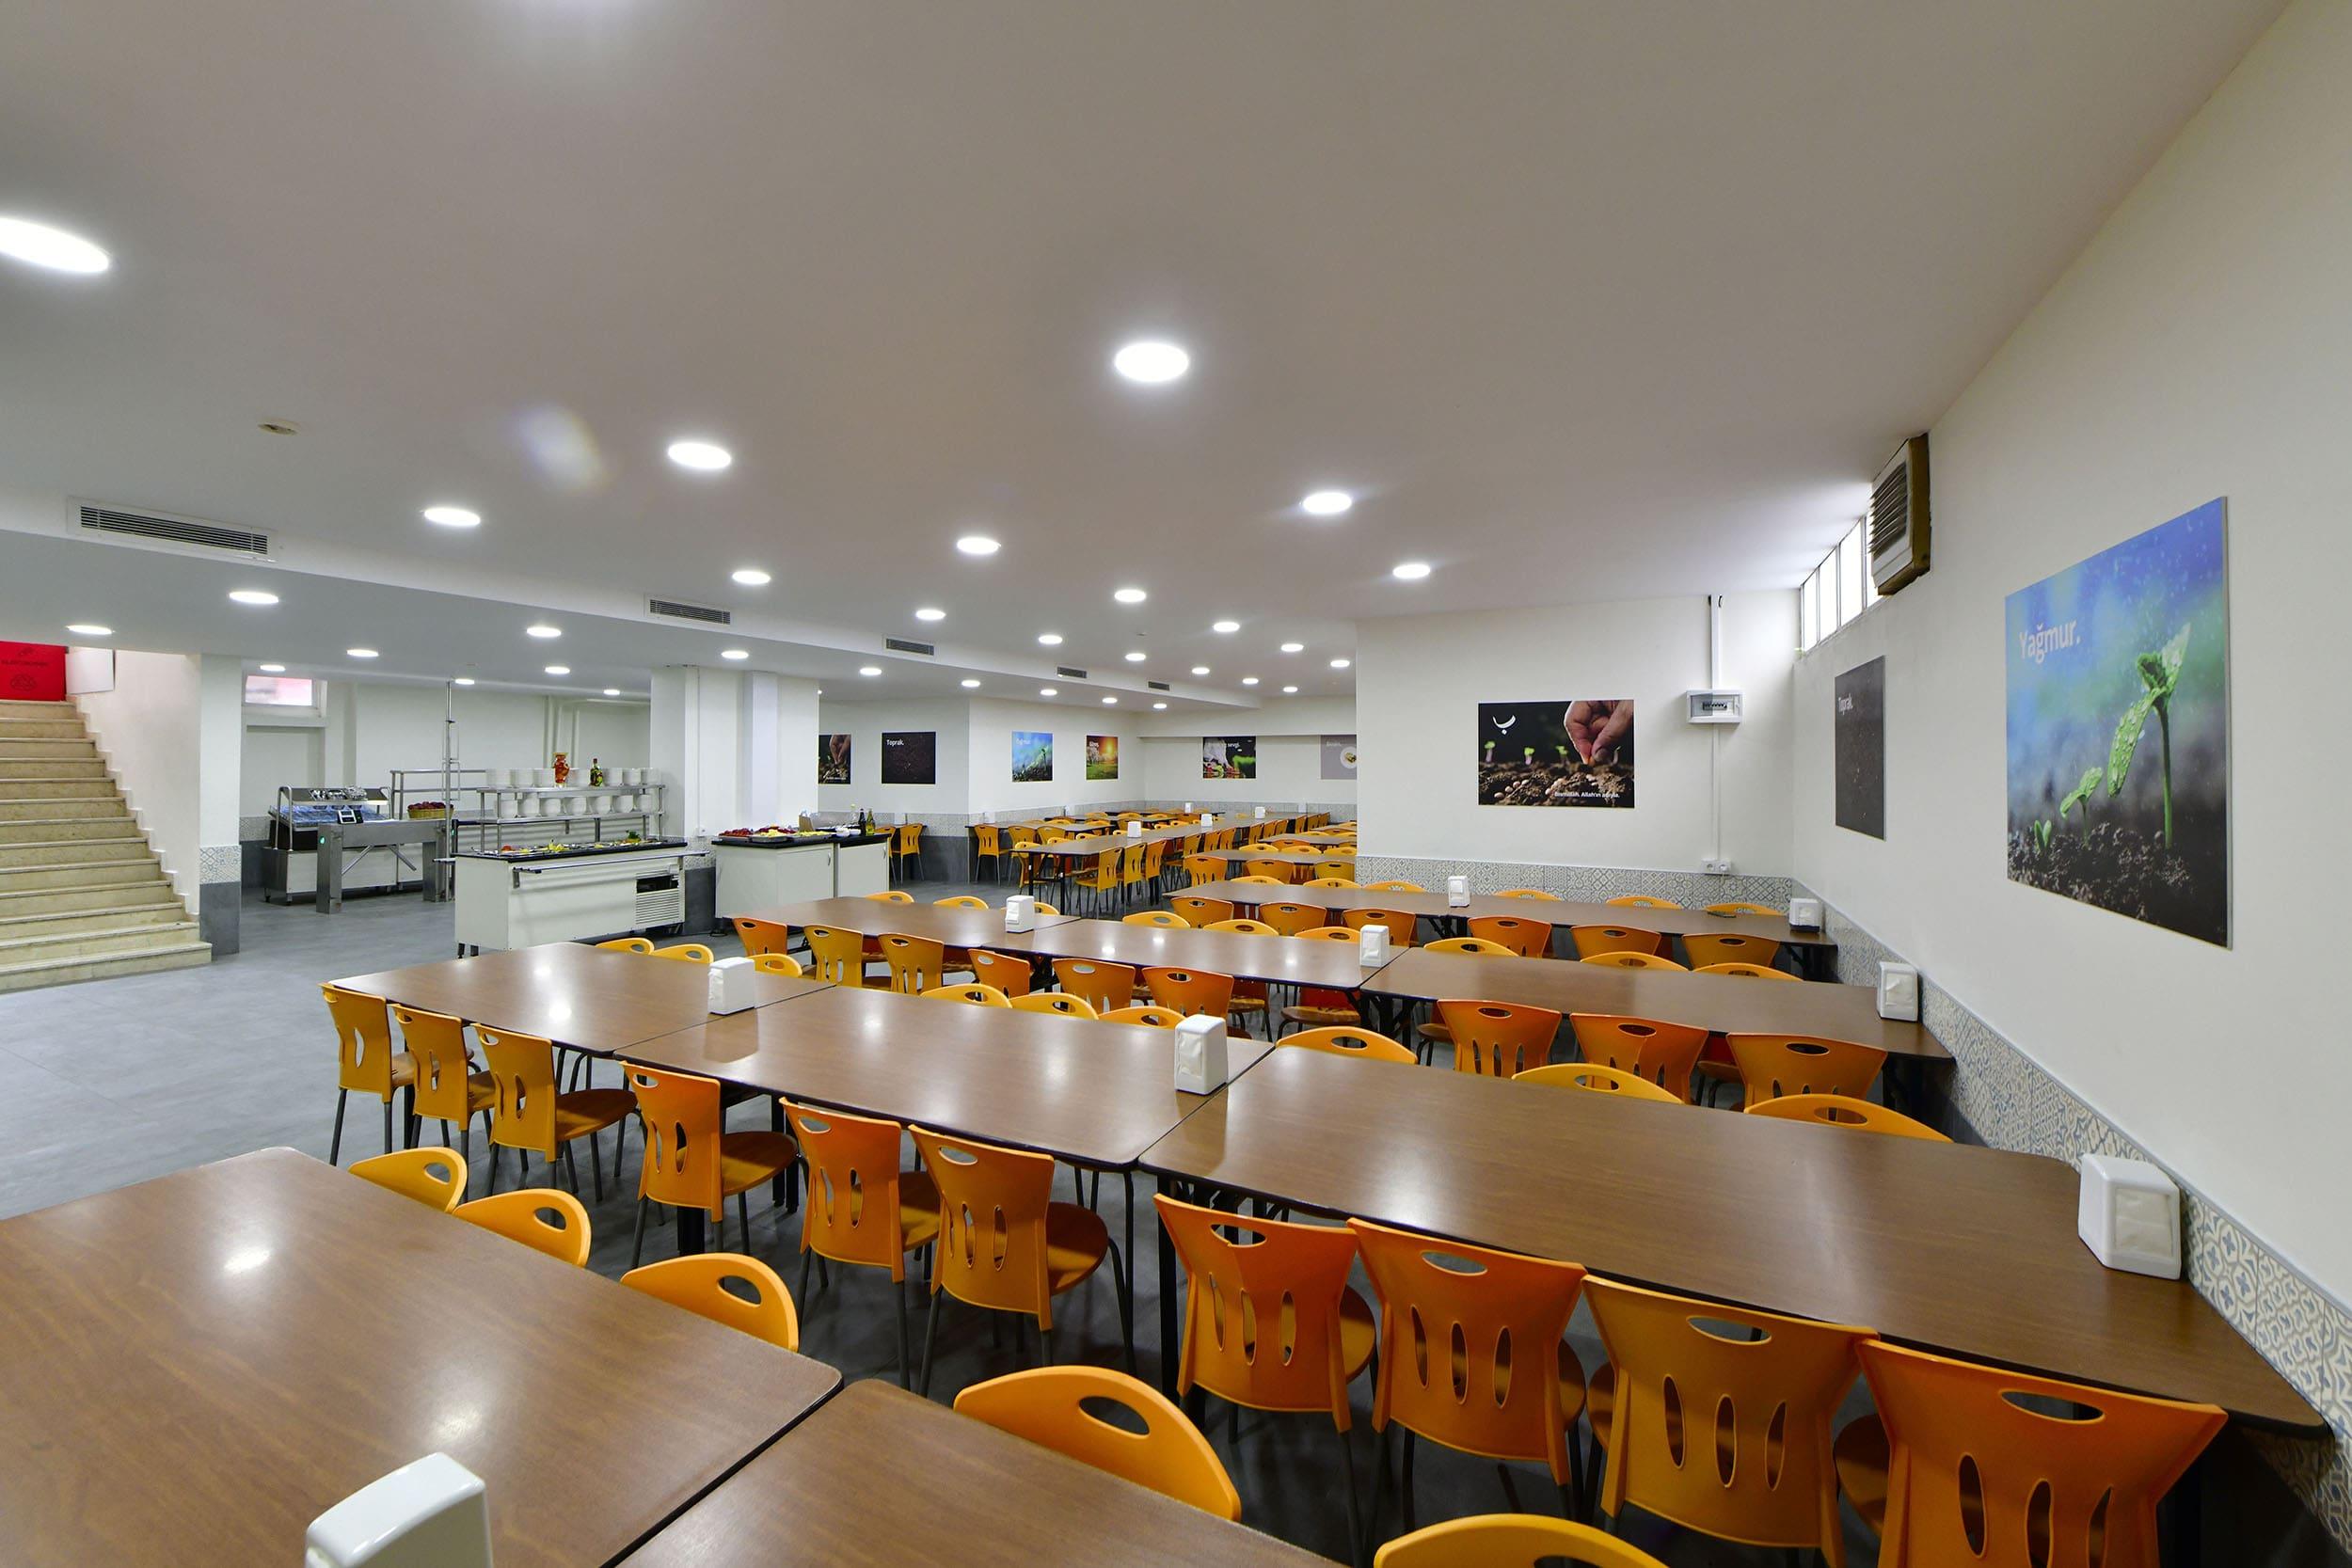 Asfa Eğitim Destek Hizmetleri Yemek Galeri 02